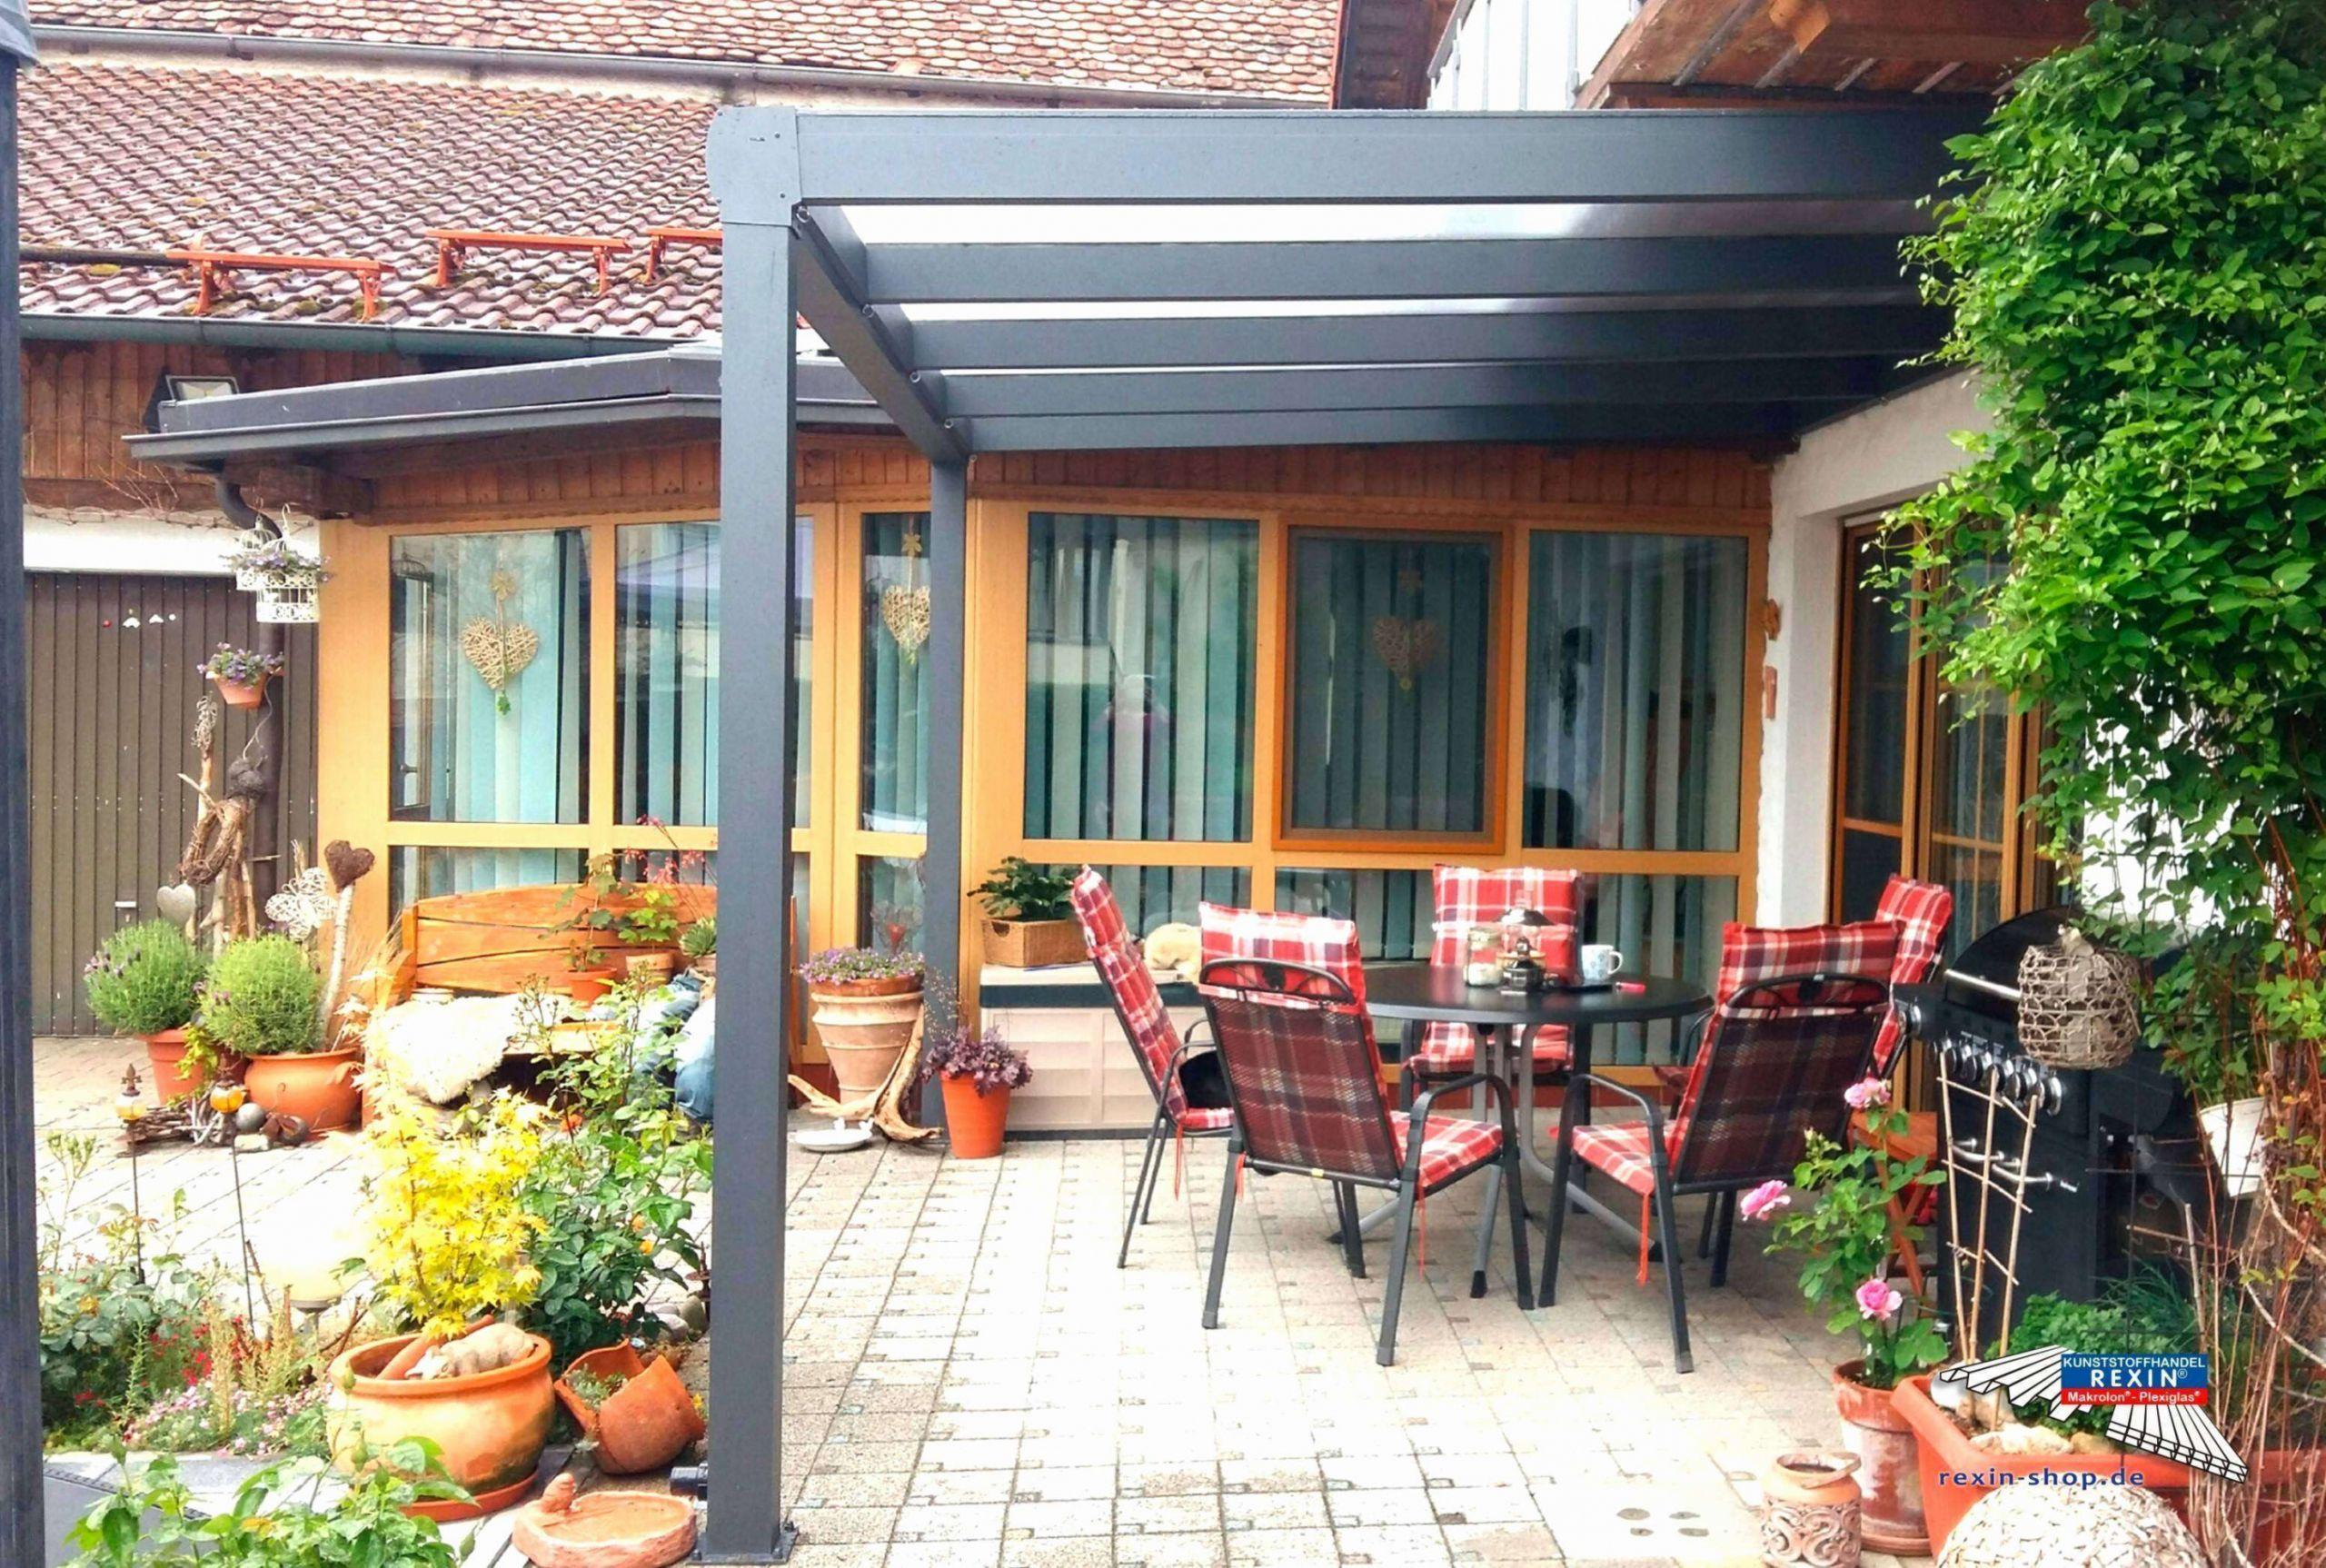 deko garten selber machen neu deko balkon schon balkon dekorieren 0d garten ideen selber machen garten ideen selber machen